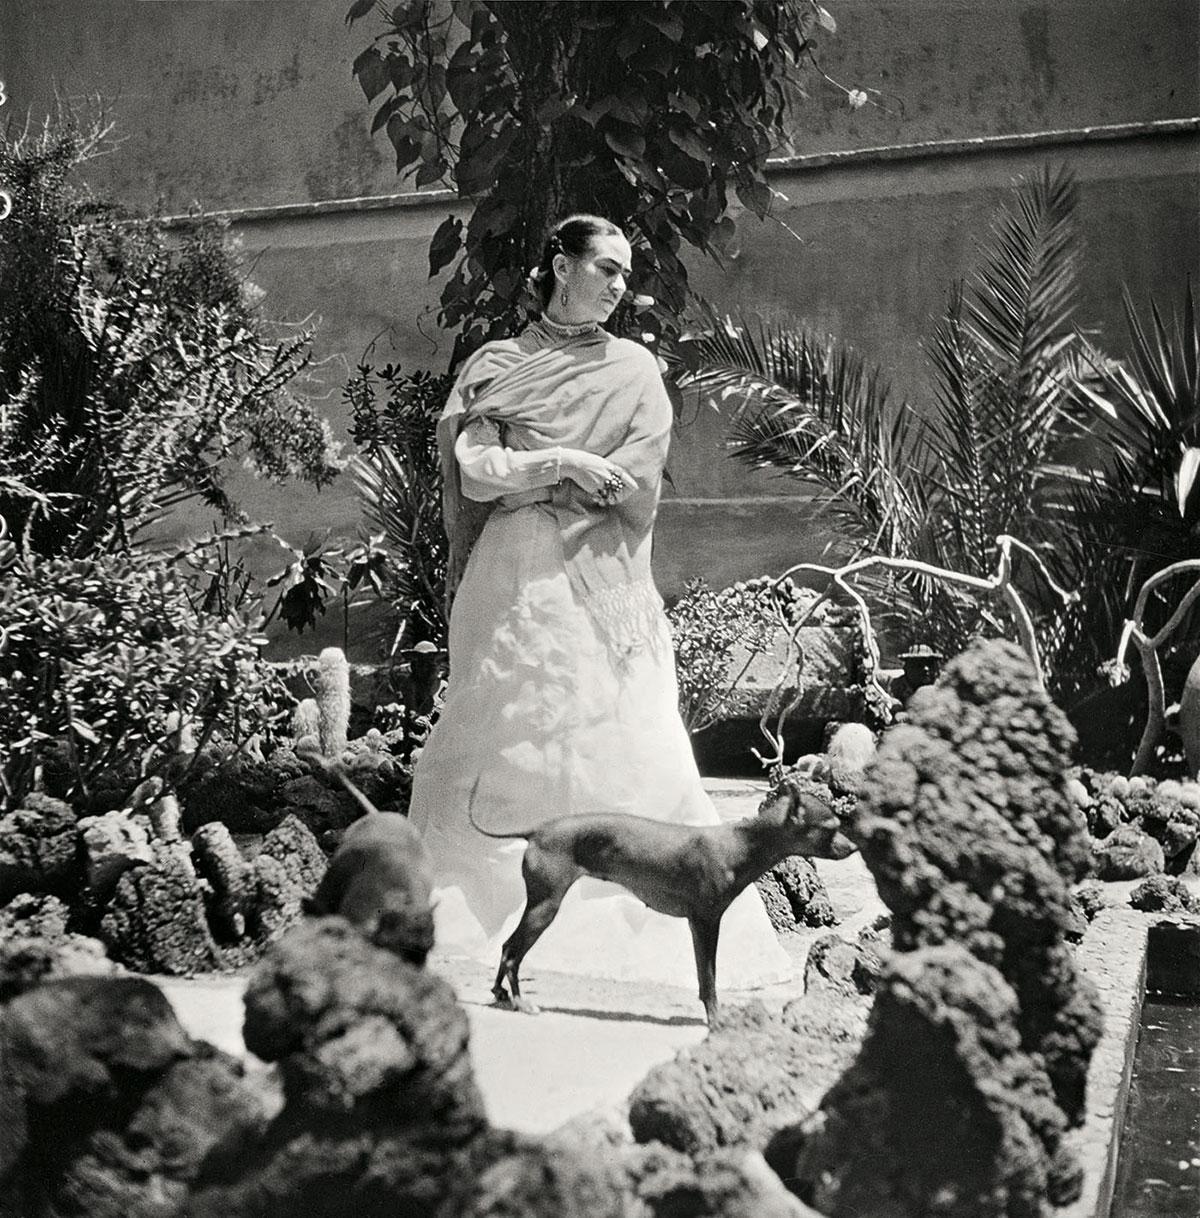 frida kahlo from the bygone. Black Bedroom Furniture Sets. Home Design Ideas